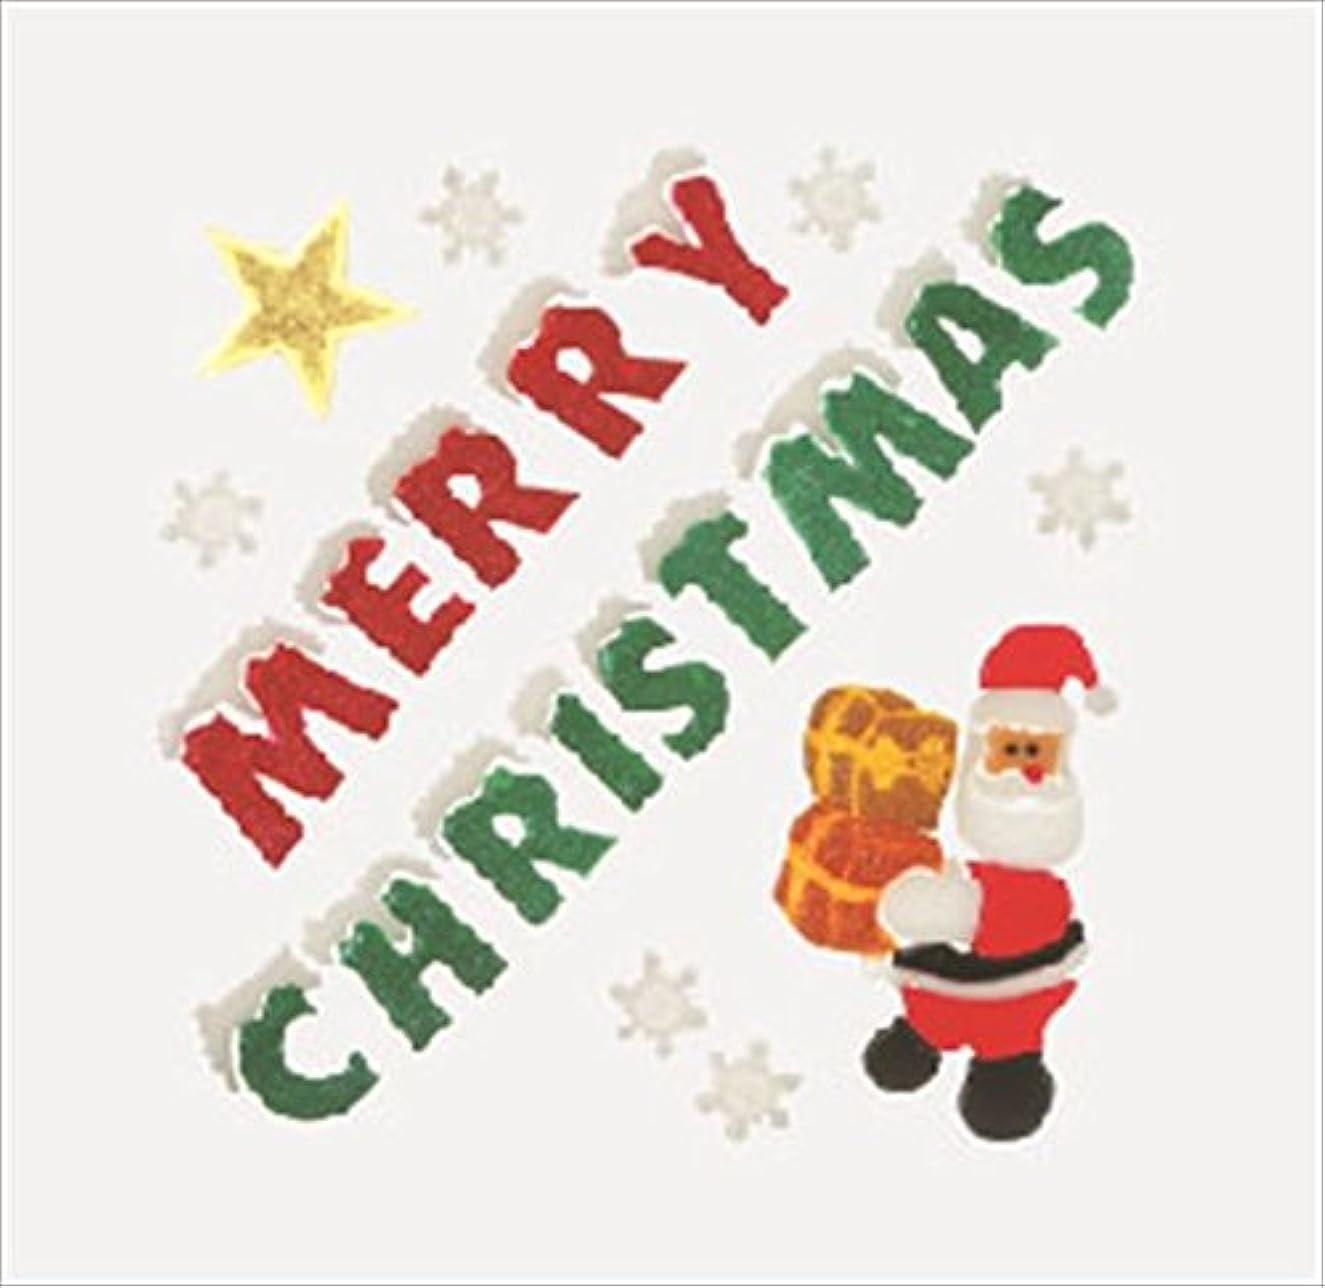 真っ逆さま不忠不透明なジェルジェム(GelGems) ジェルジェムバッグL 「 クリスマスサンタ 」